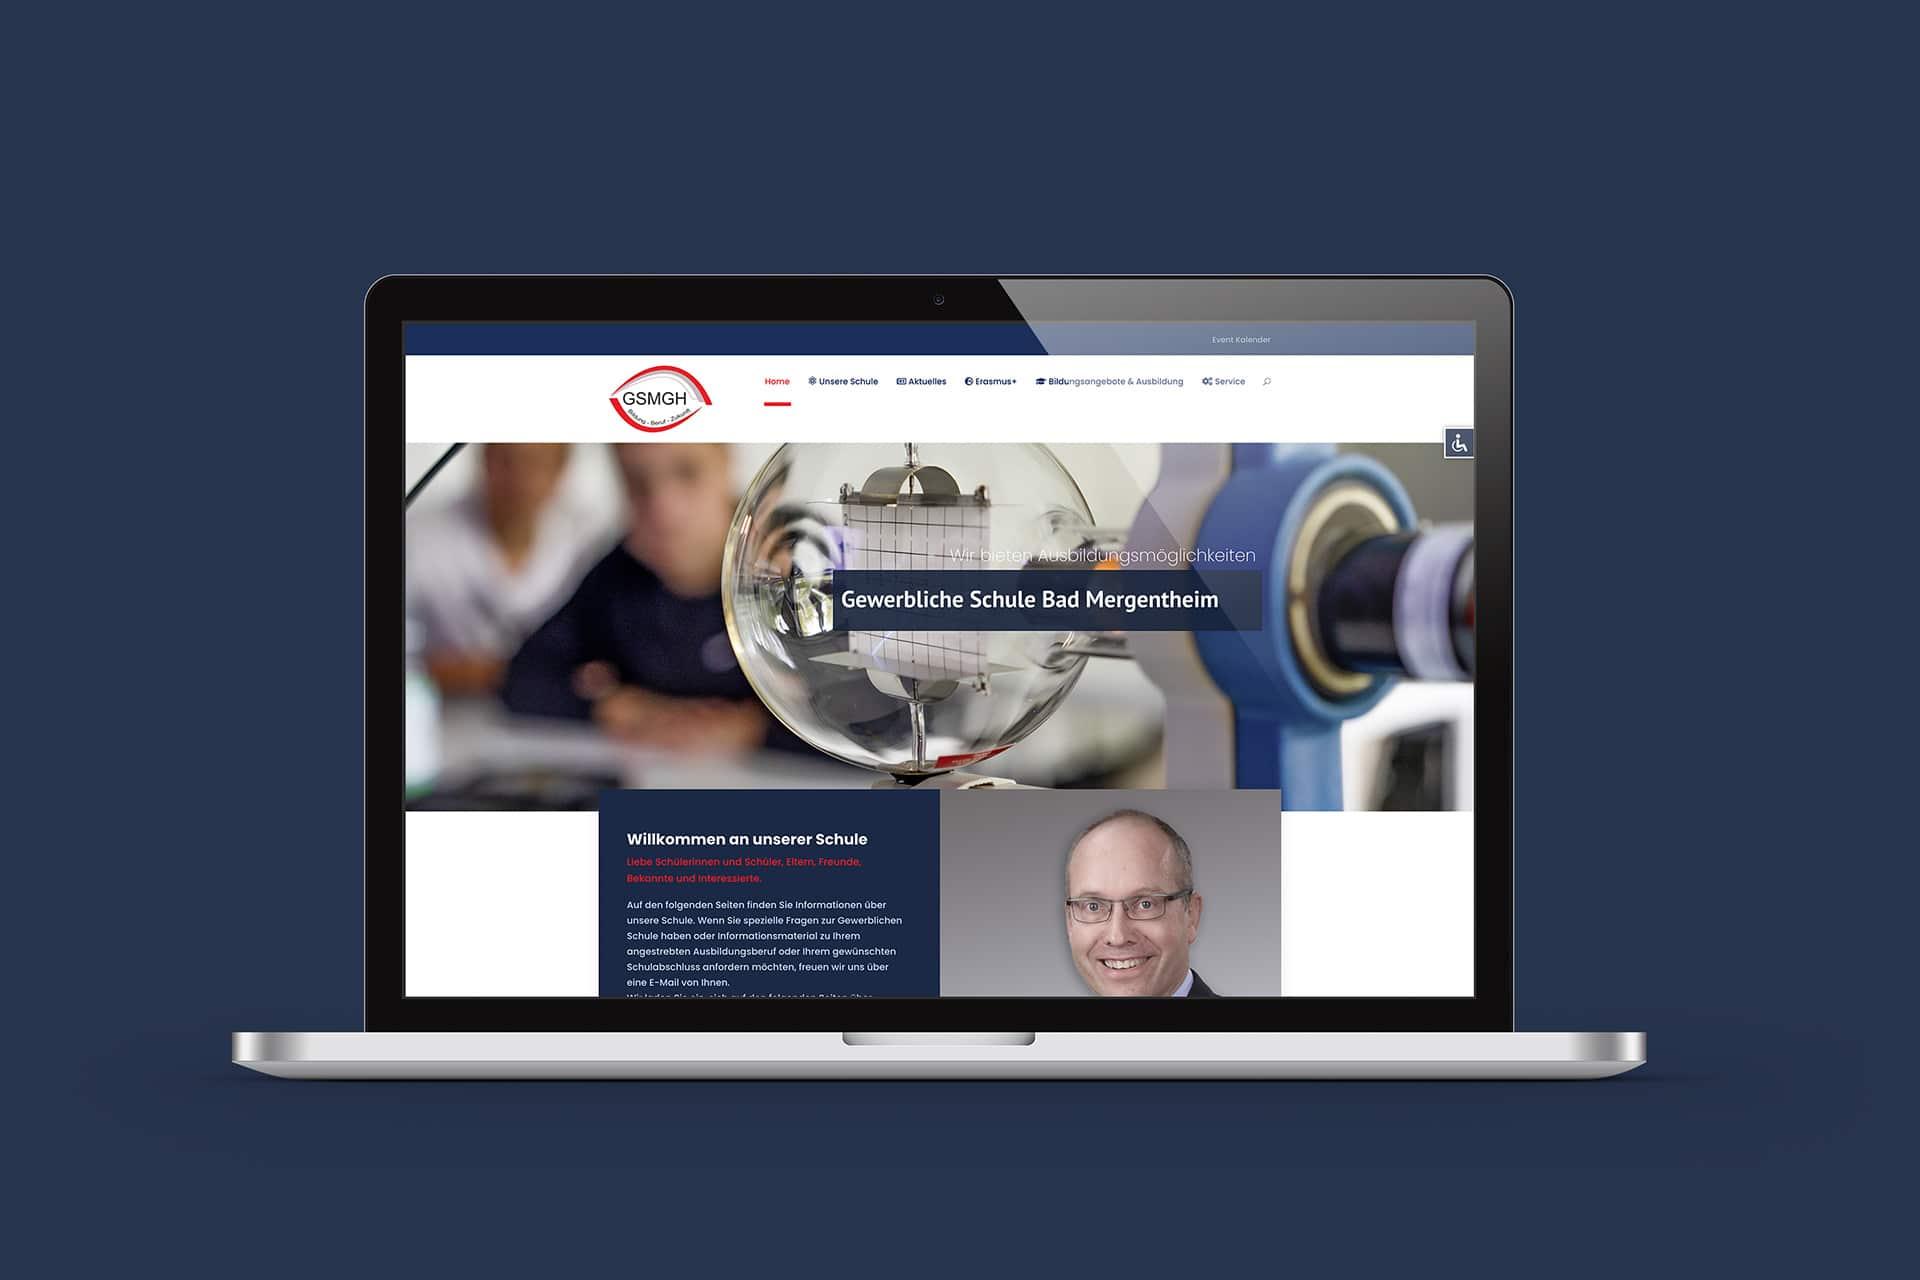 Website Redesign Gewerbliche Schule Bad Mergentheim